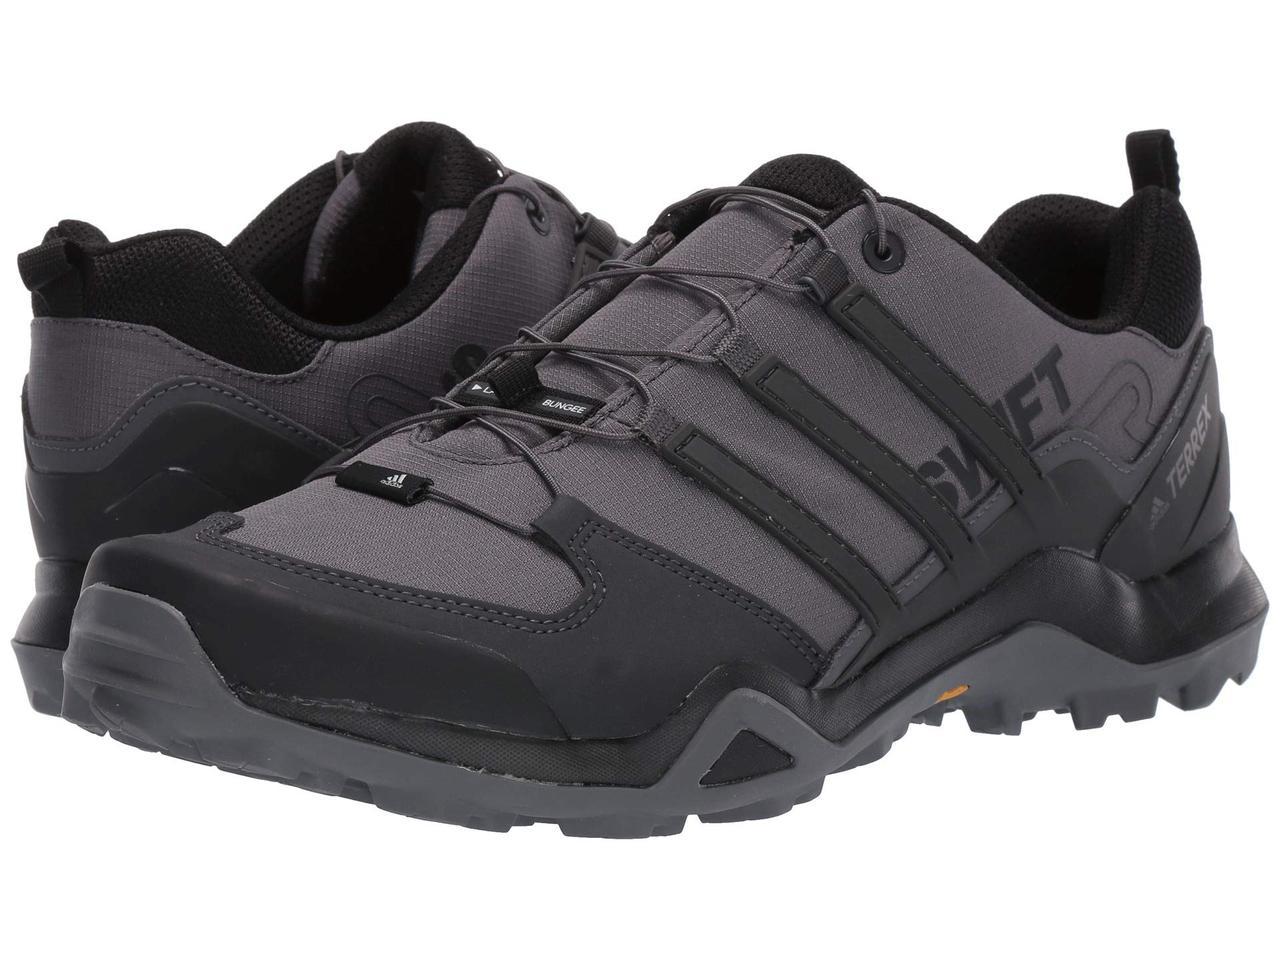 Кроссовки/Кеды (Оригинал) adidas Outdoor Terrex Swift R2 Grey Six/Carbon/Grey Five